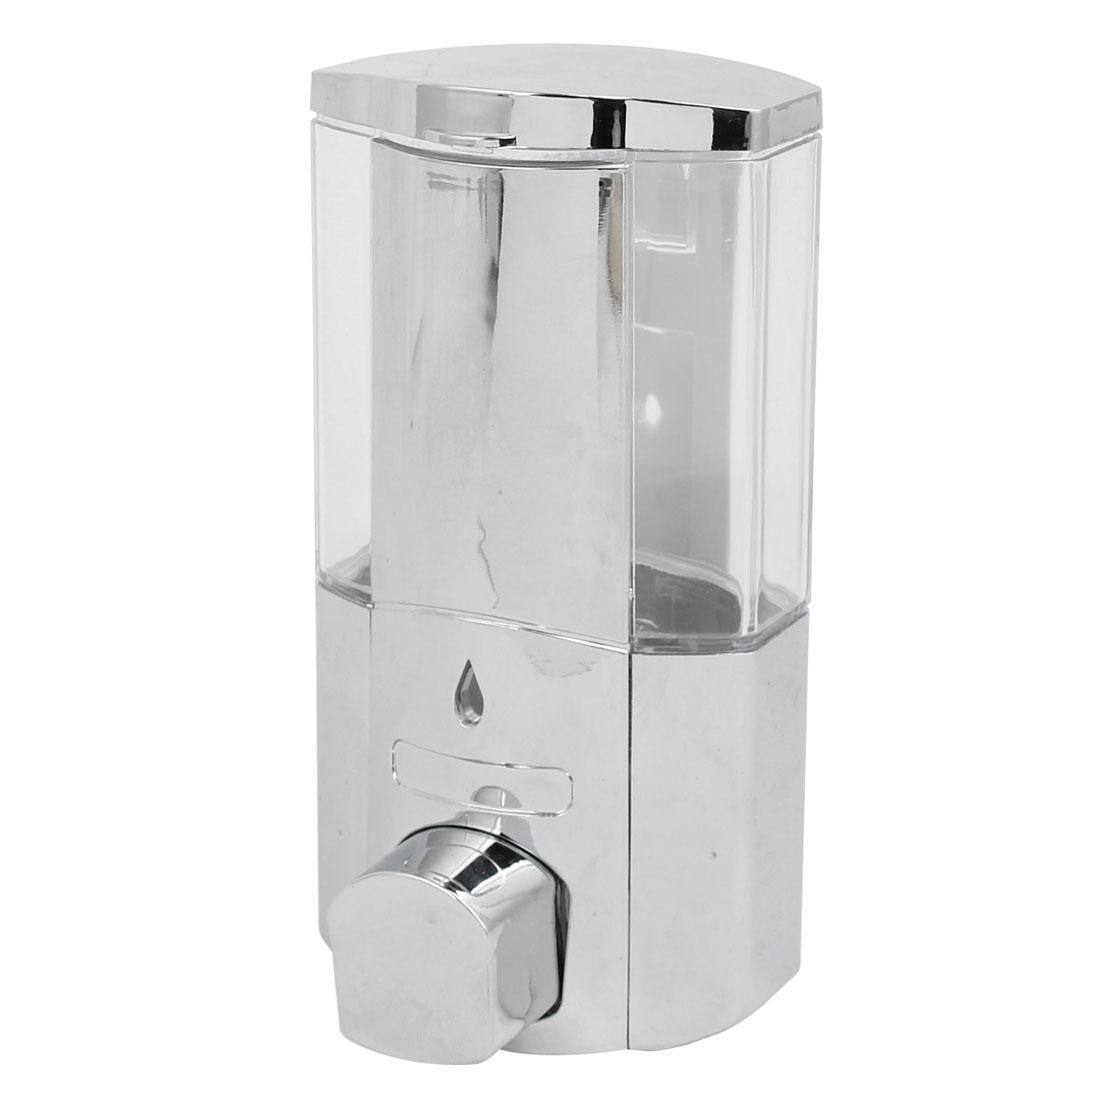 ABS Chrome Plated 300ML Wall-Mount Bathroom Liquid Soap Dispenser Silver Tone